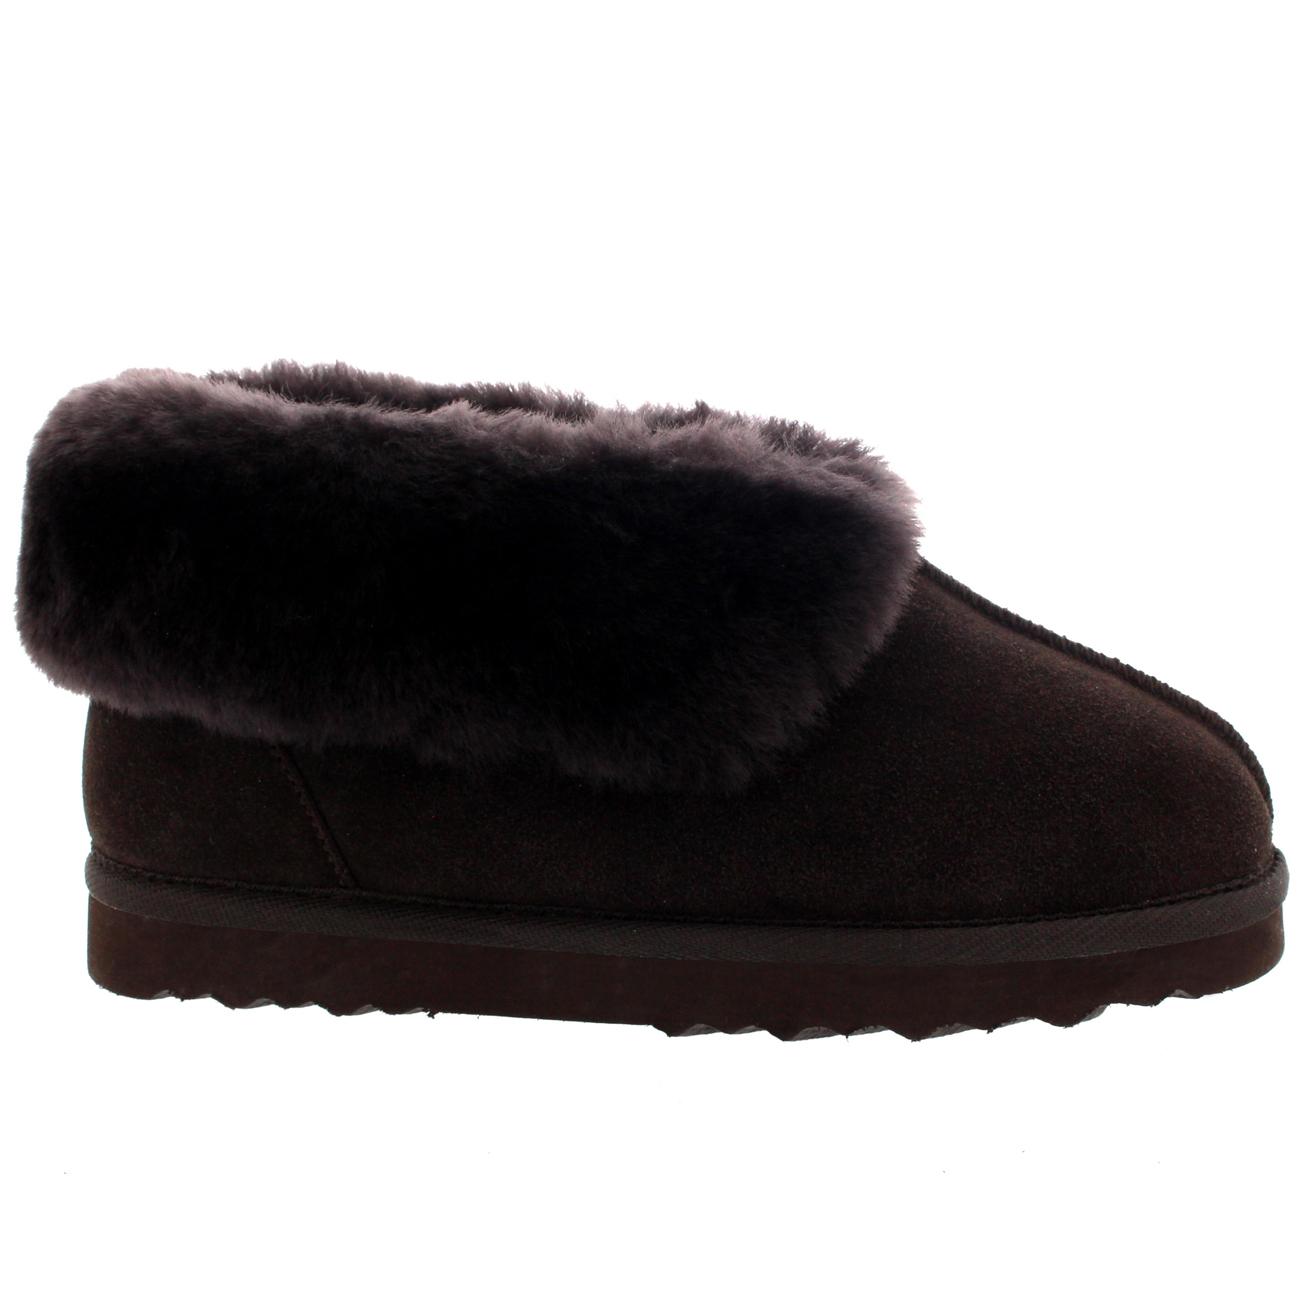 Womens Real Suede Australian Sheepskin Fur Lined Warm House Slipper Boots 3-10 | eBay